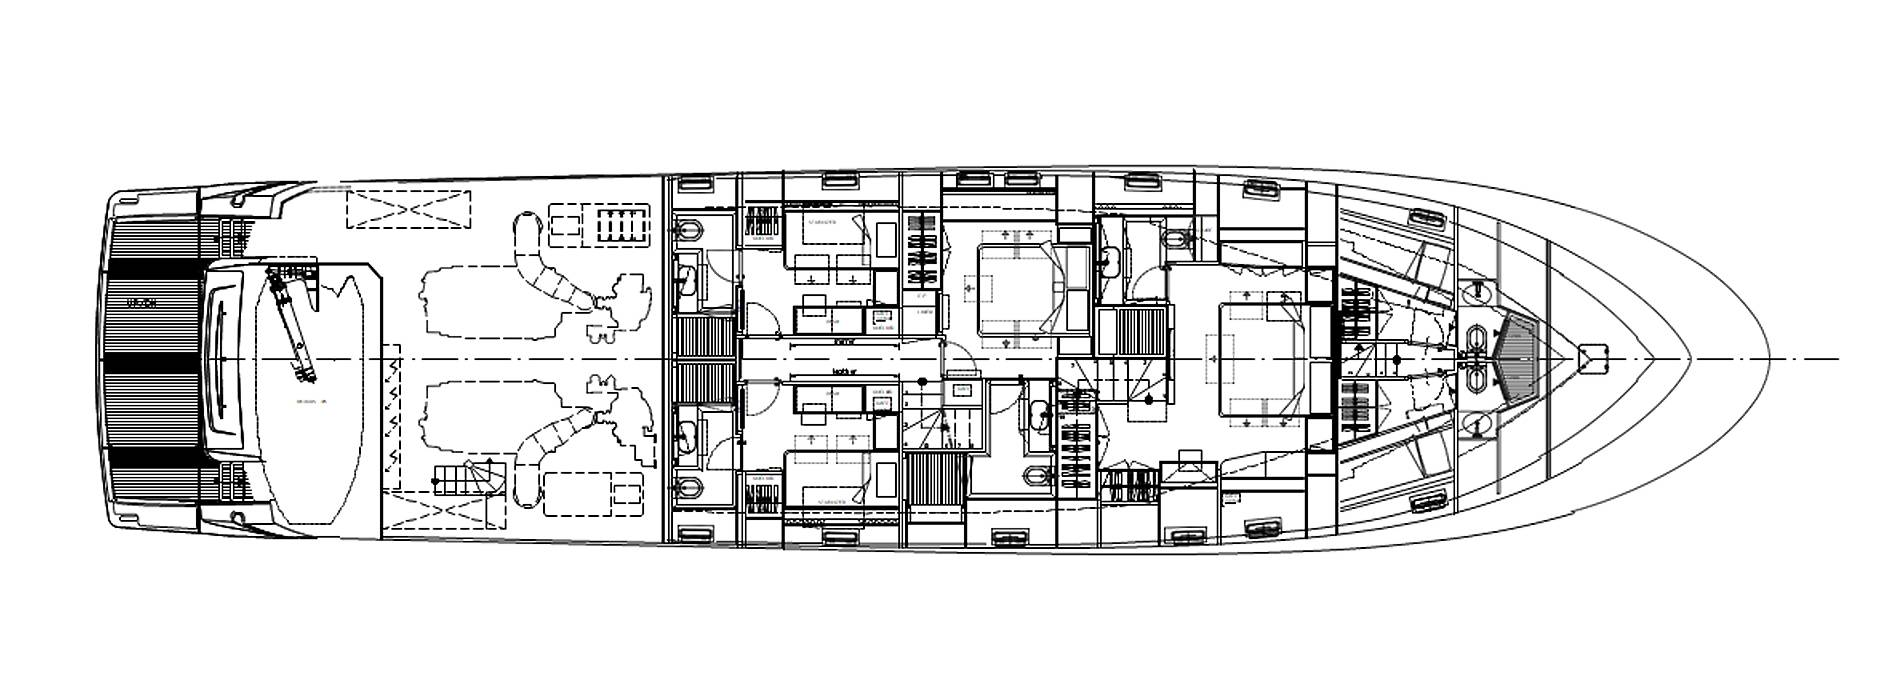 Sanlorenzo Yachts SL96-623 Cubierta inferior